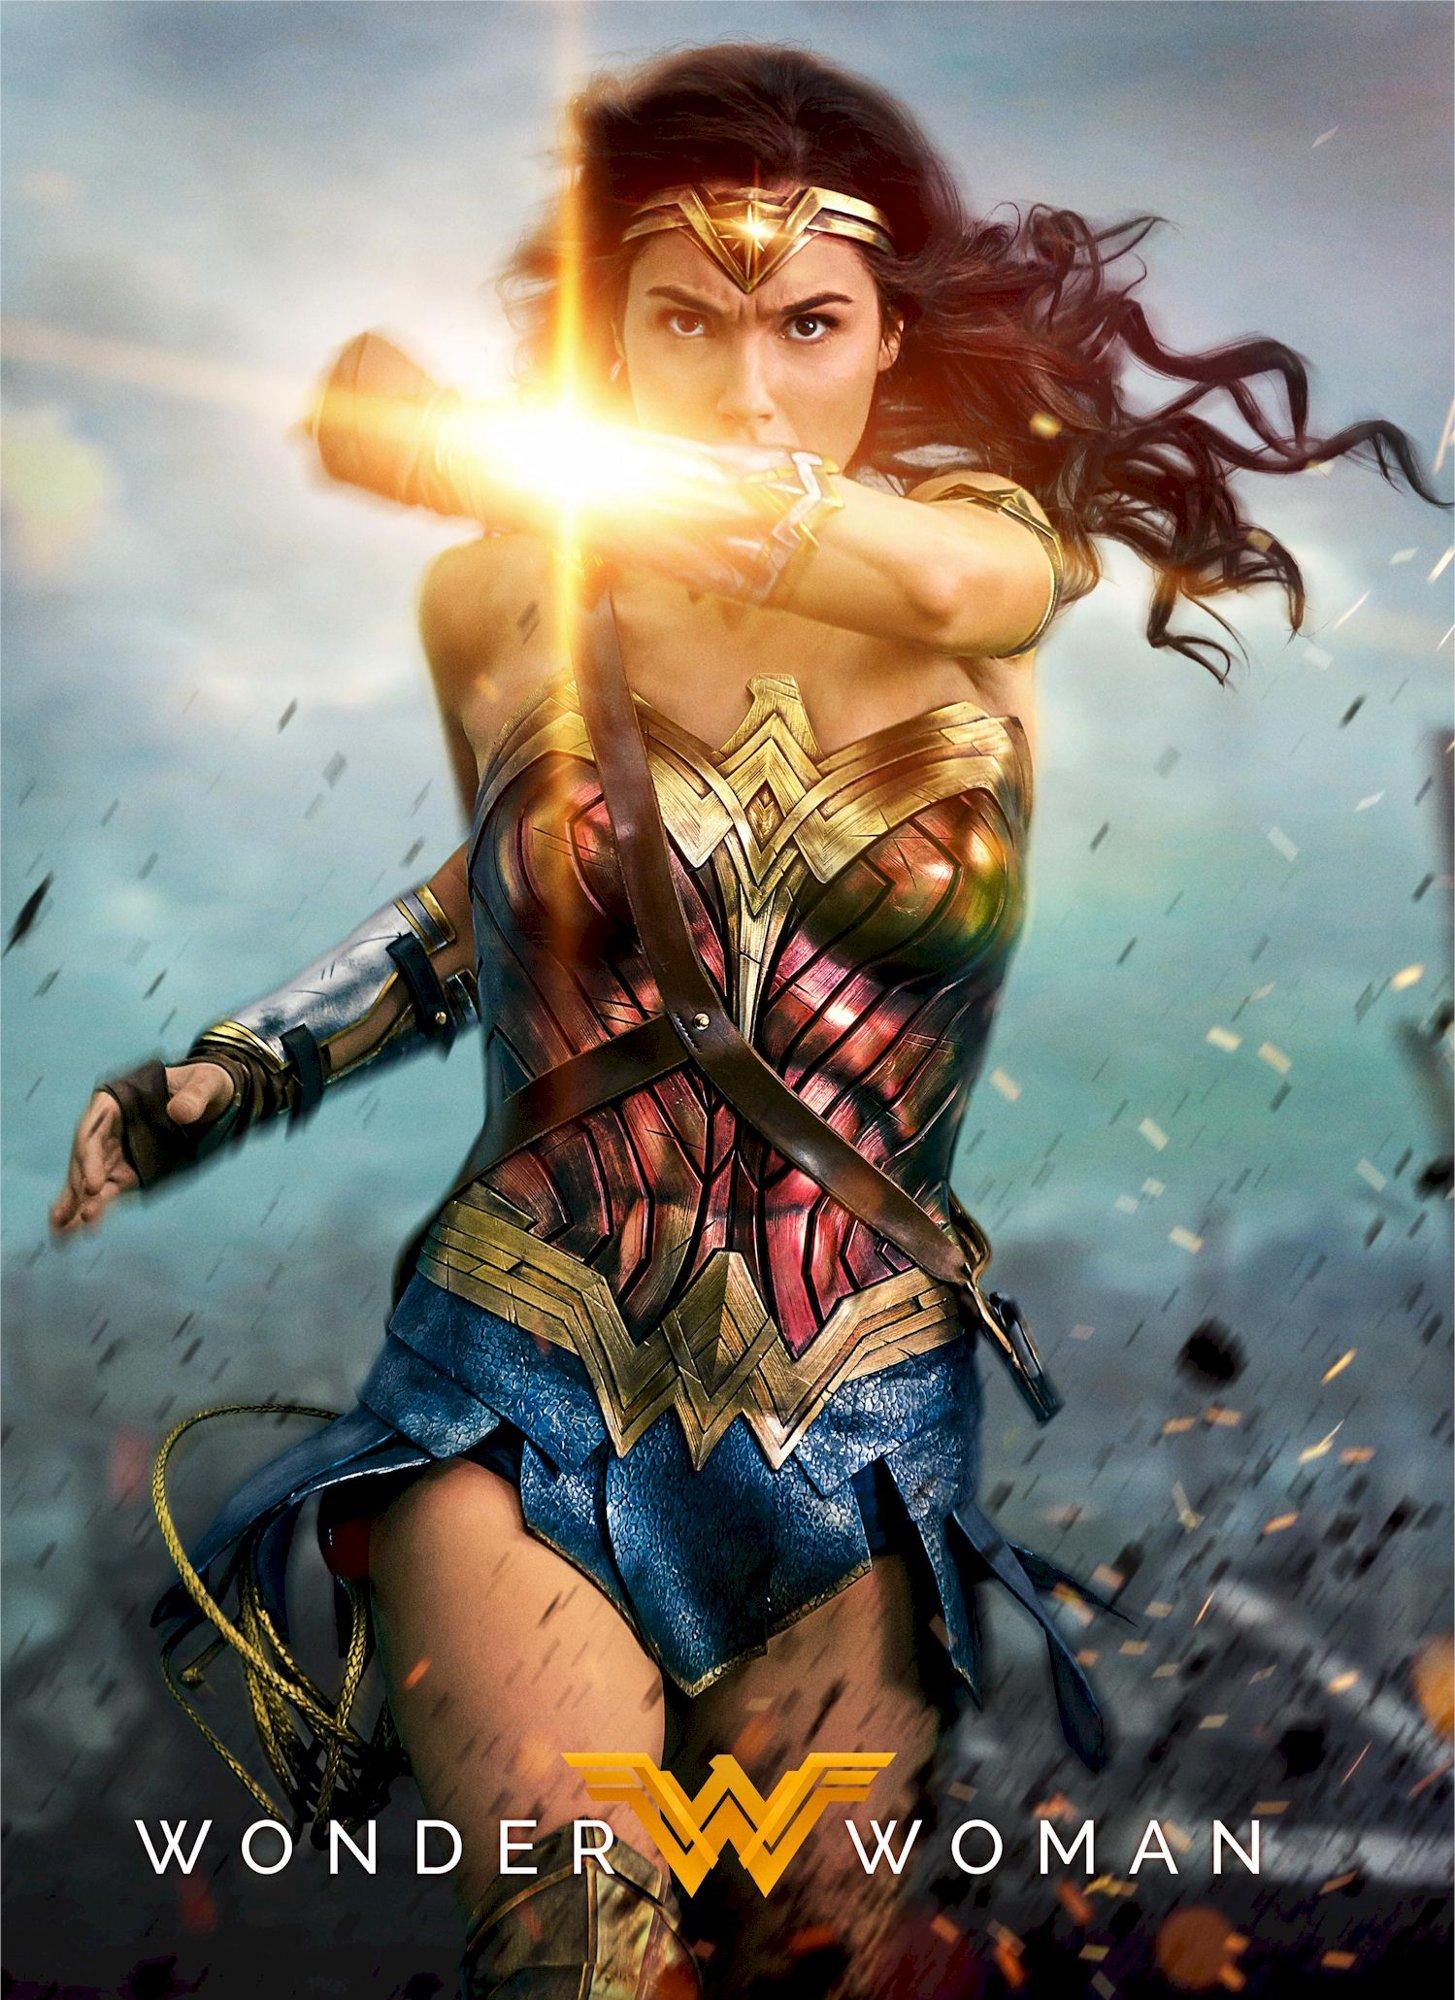 обзор фильма чудо-женщина